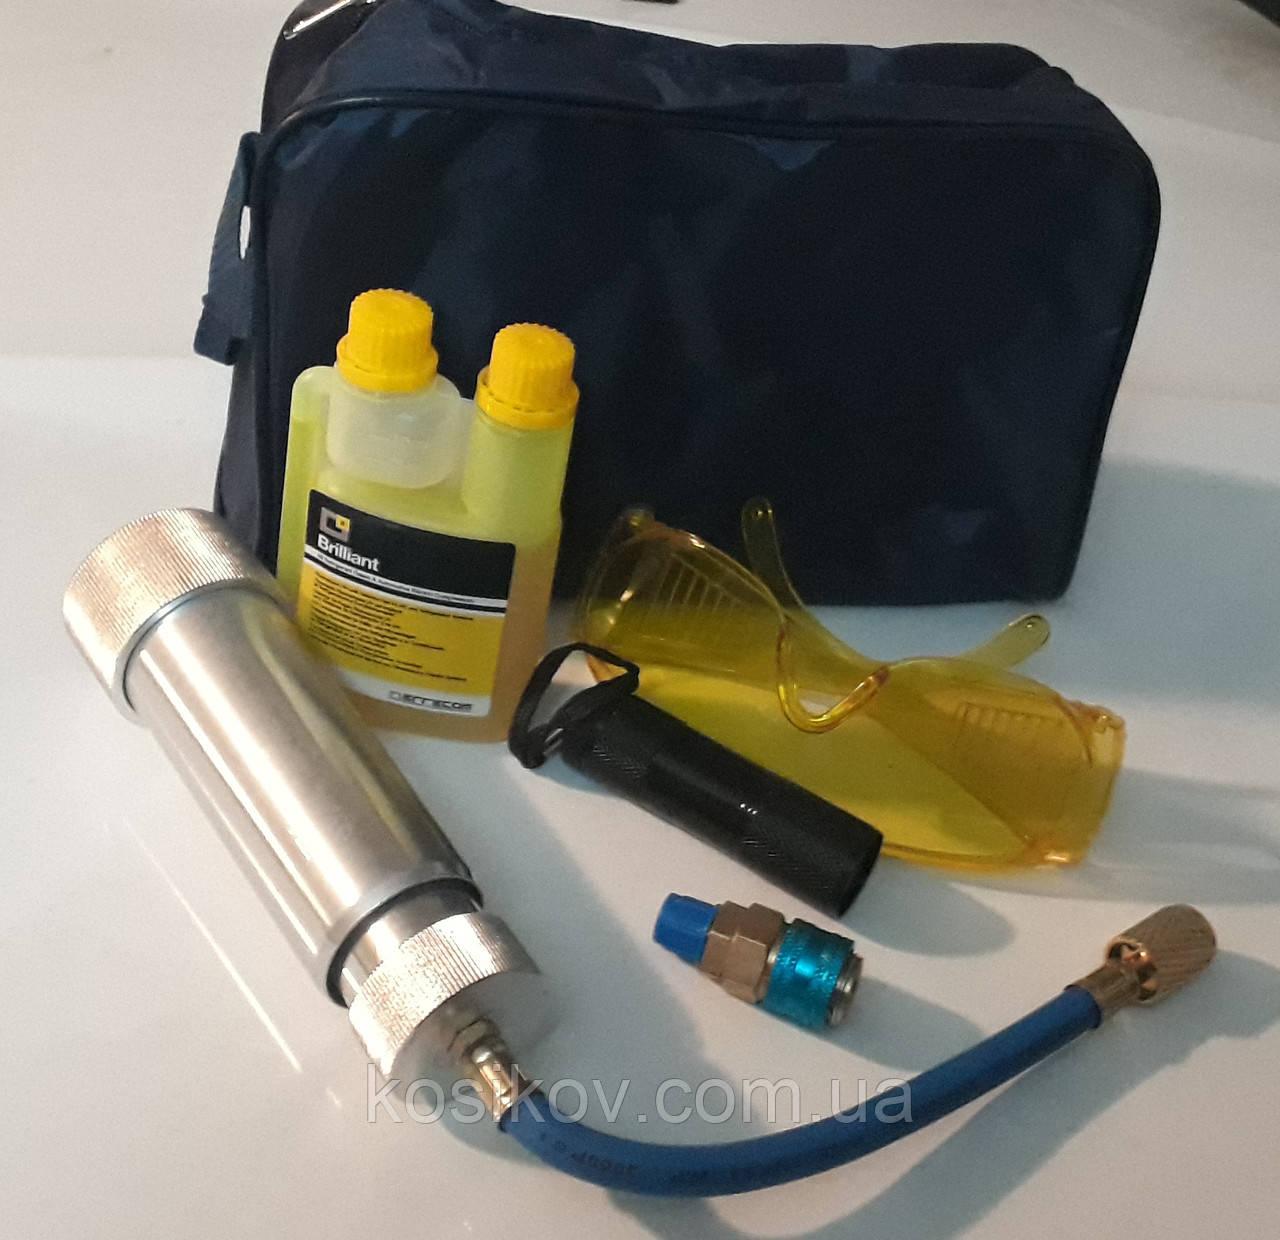 Набір для пошуку витоку фреону зі шприц-інжектором 60мл + 100 мл у/ф фарби